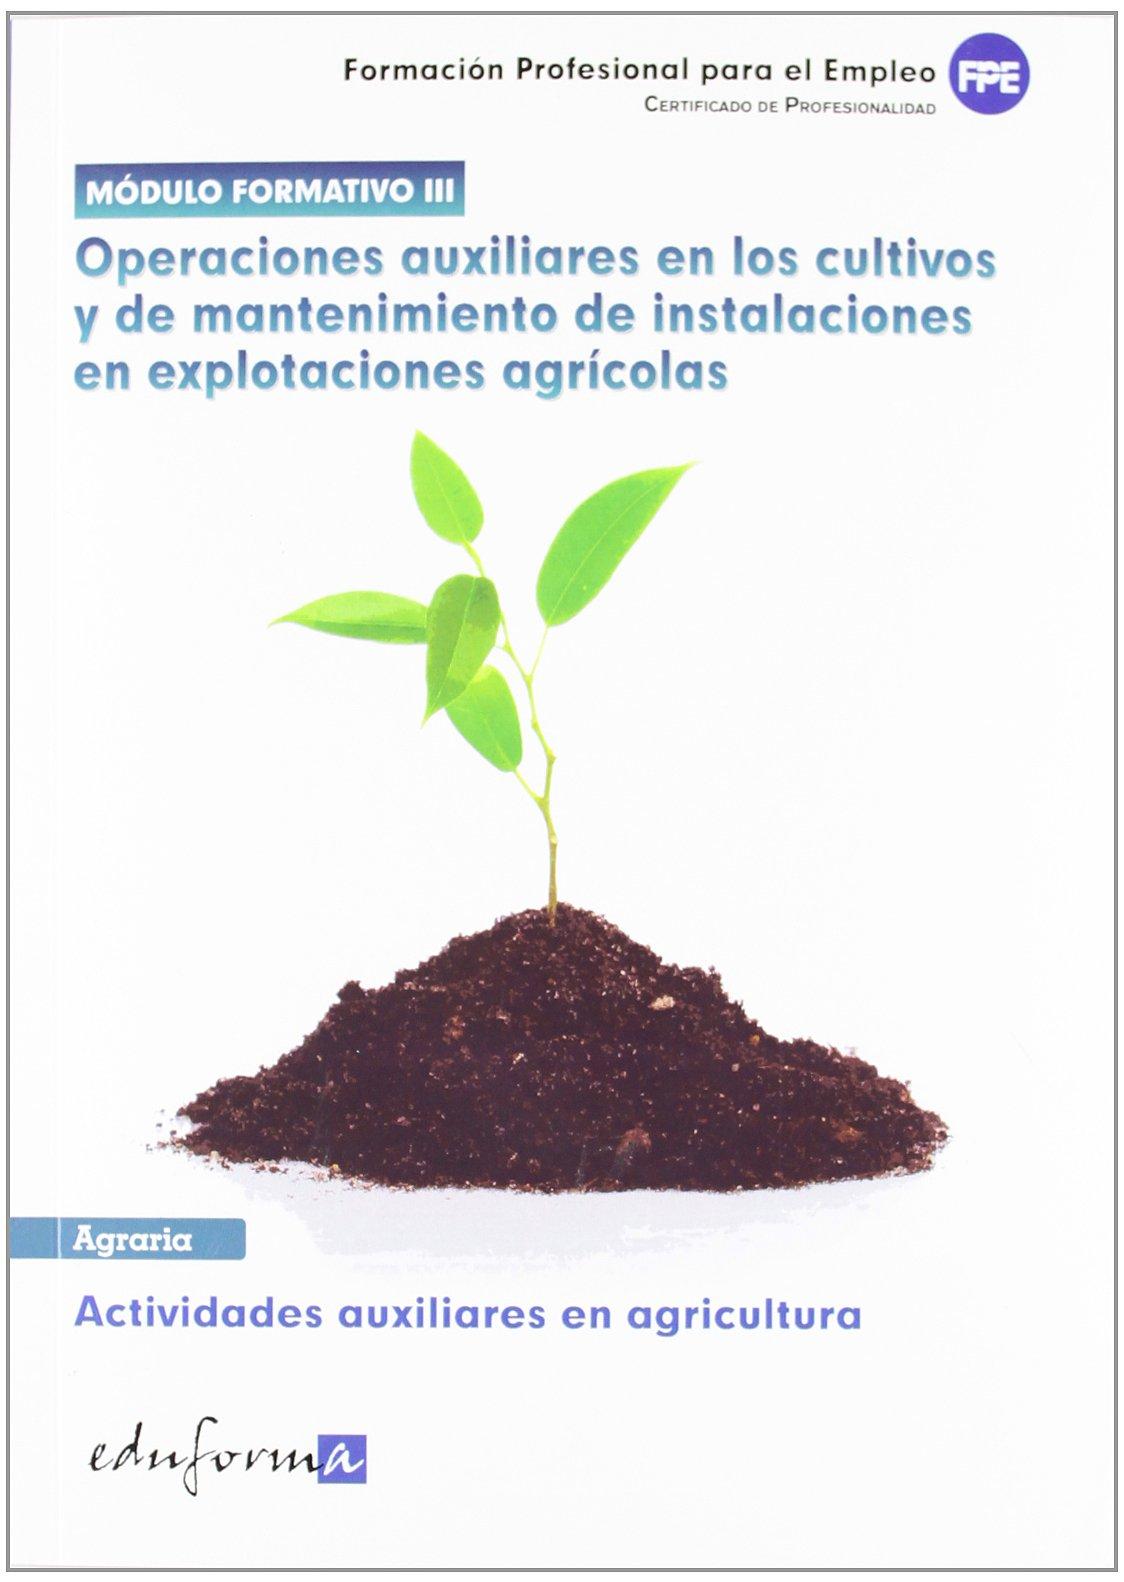 Actividades Auxiliares en Agricultura. Certificado de Profesionalidad: Ed. MAD: 9788467669985: Amazon.com: Books